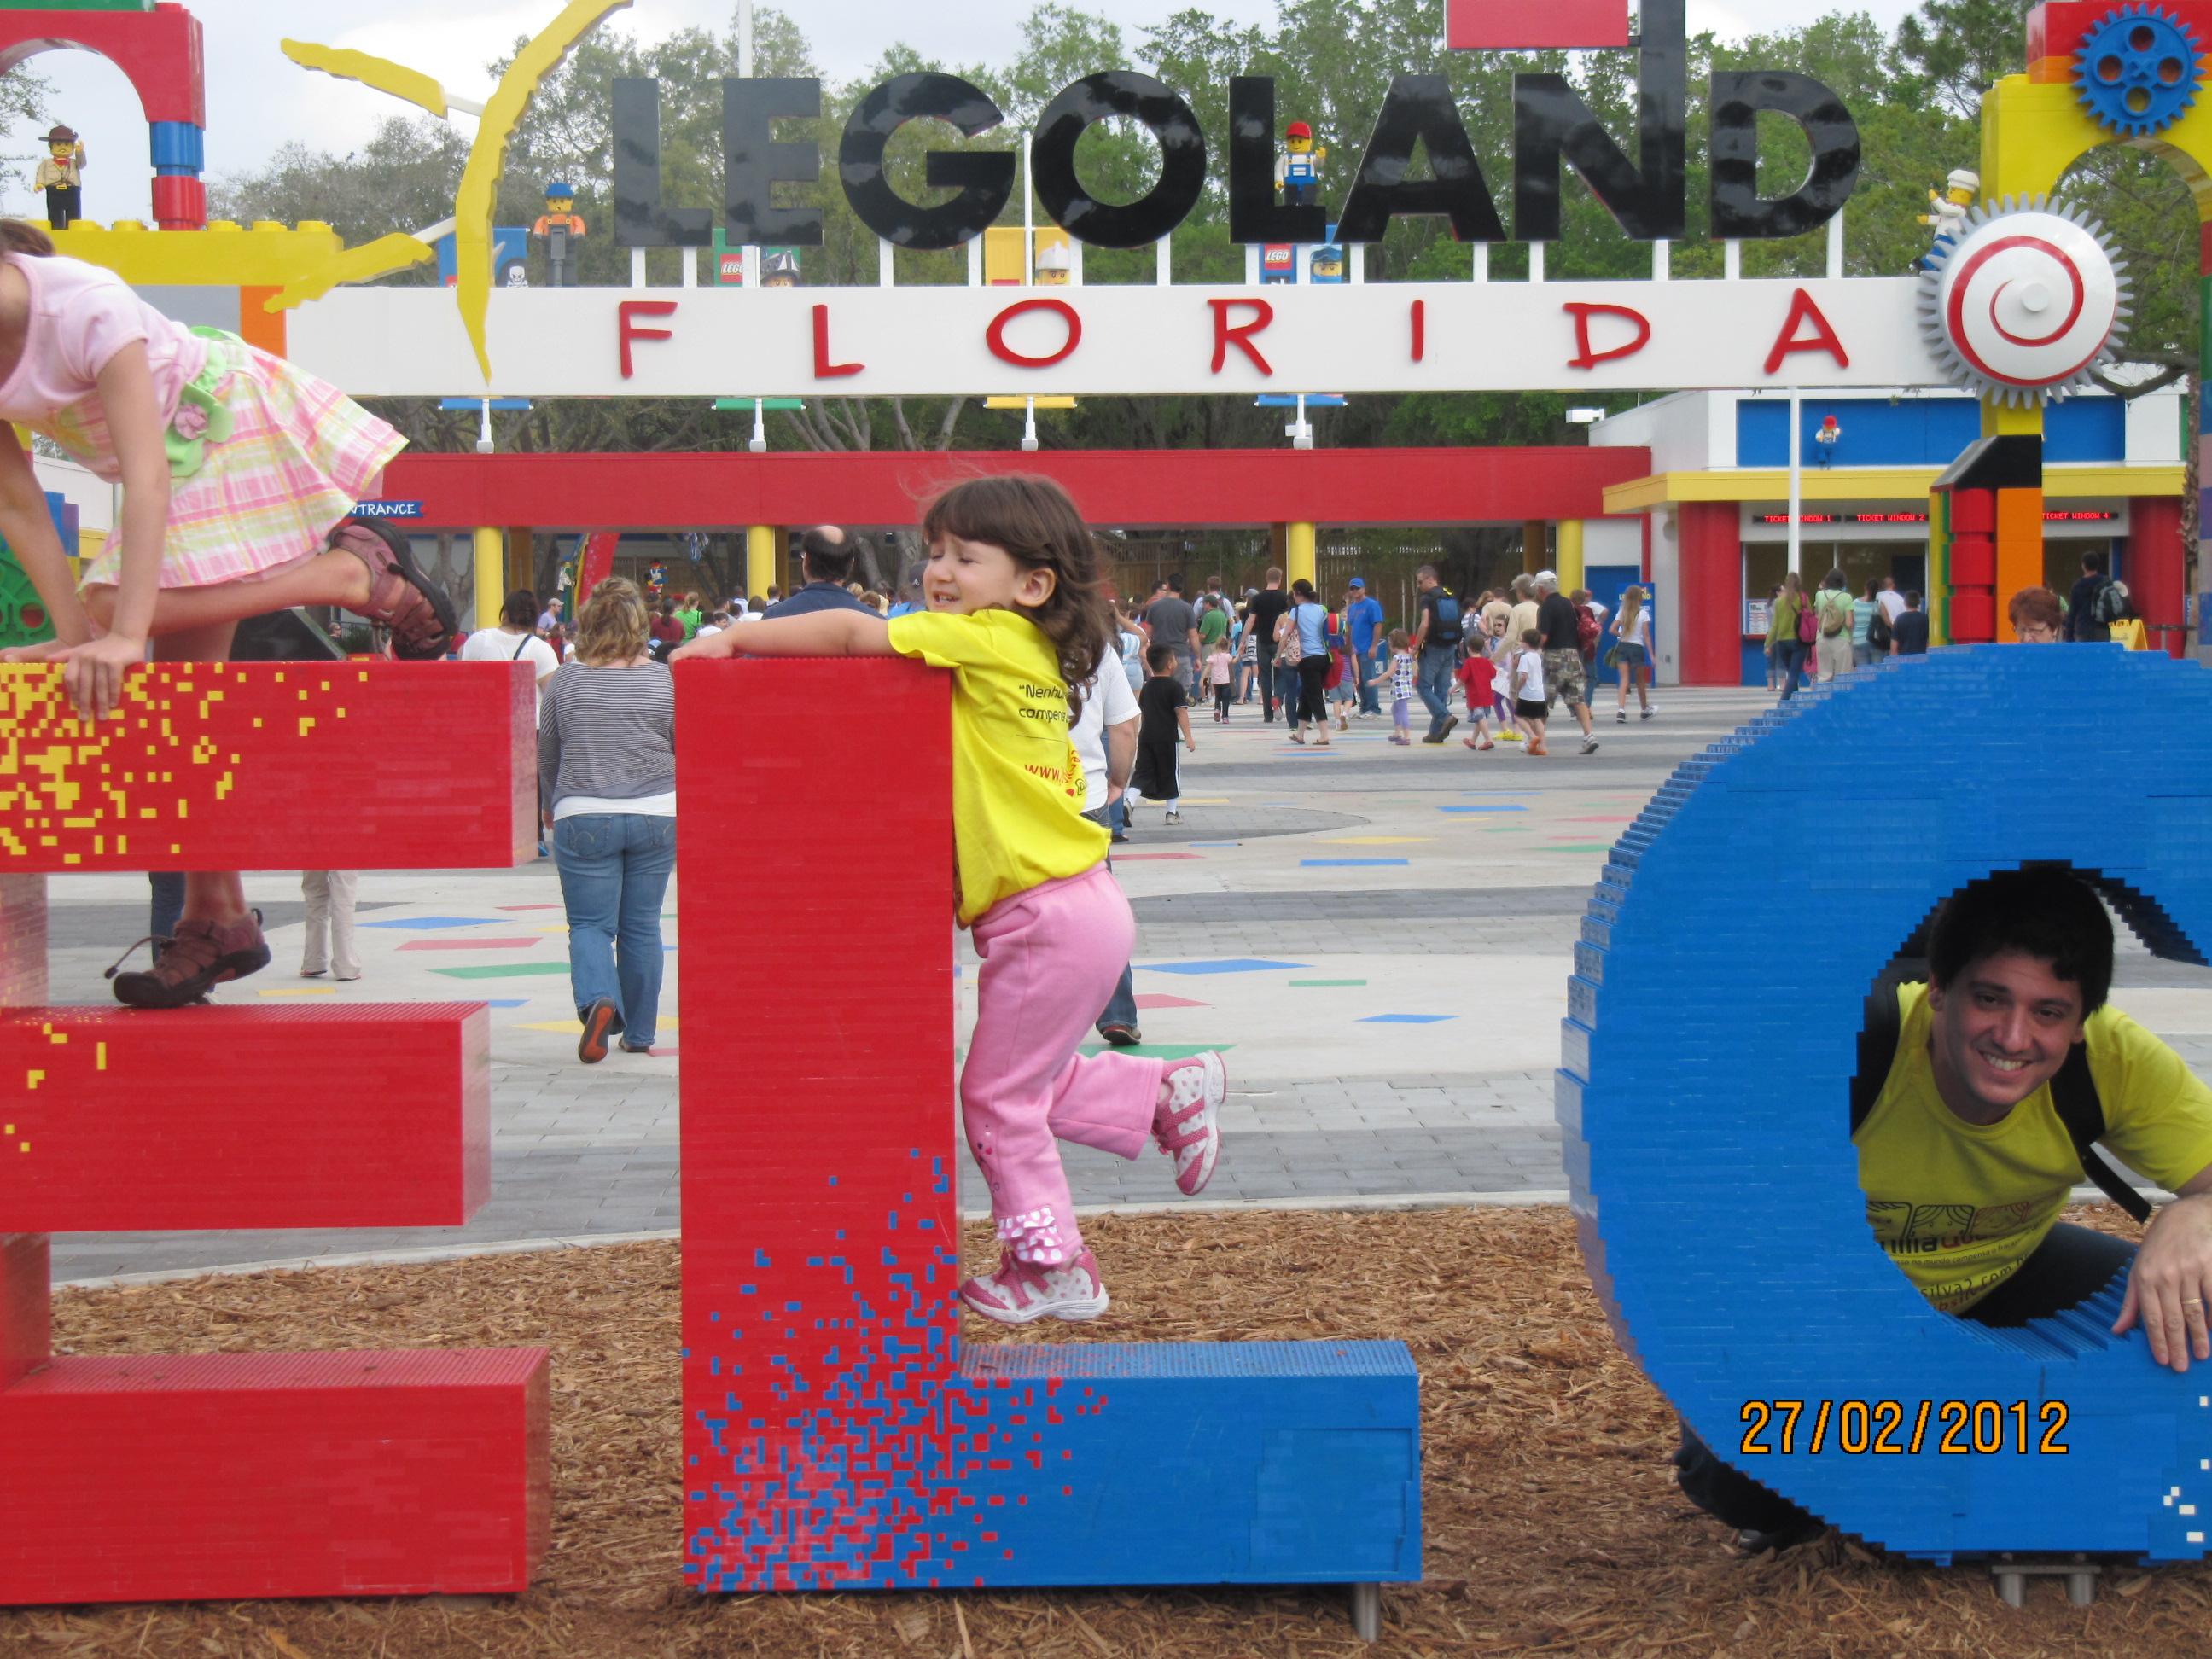 Escalando o Welcome da Legolândia